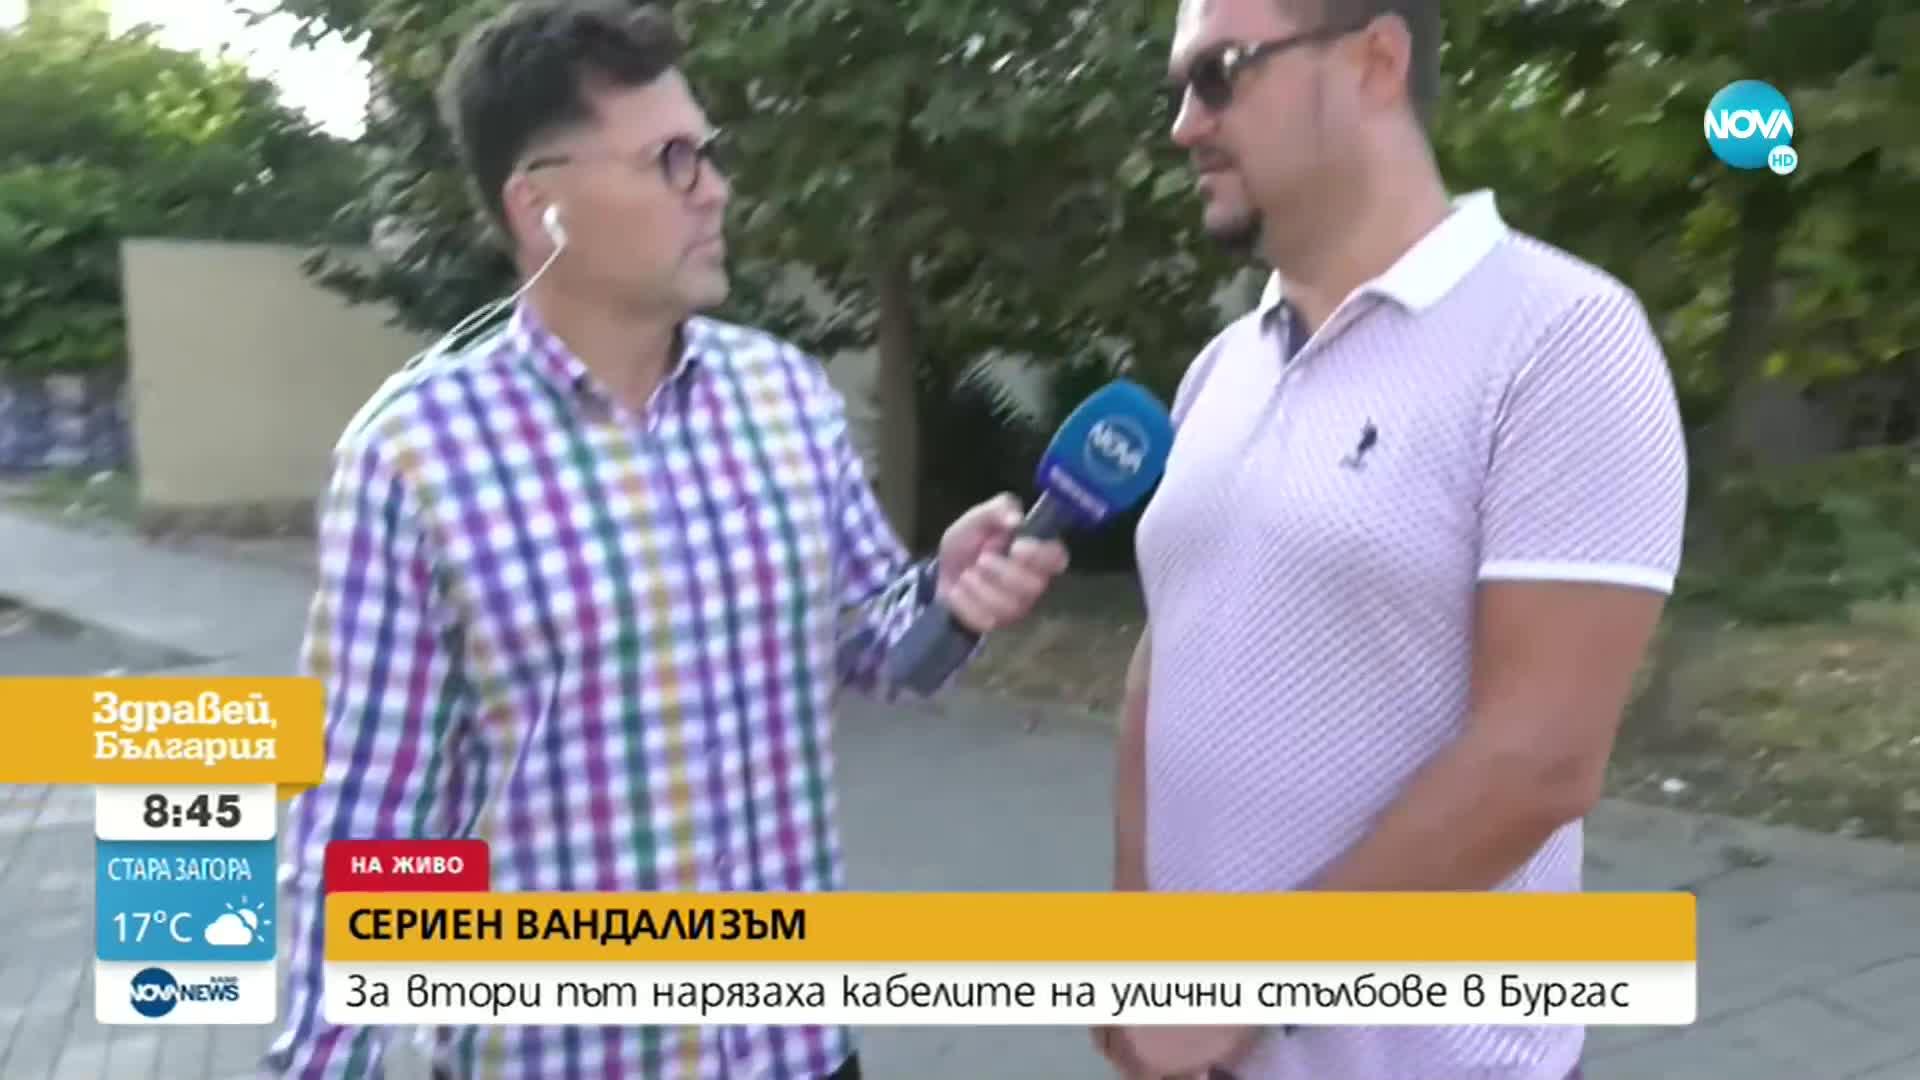 Сериен вандализъм: За втори път нарязаха кабелите на улични стълбове в Бургас